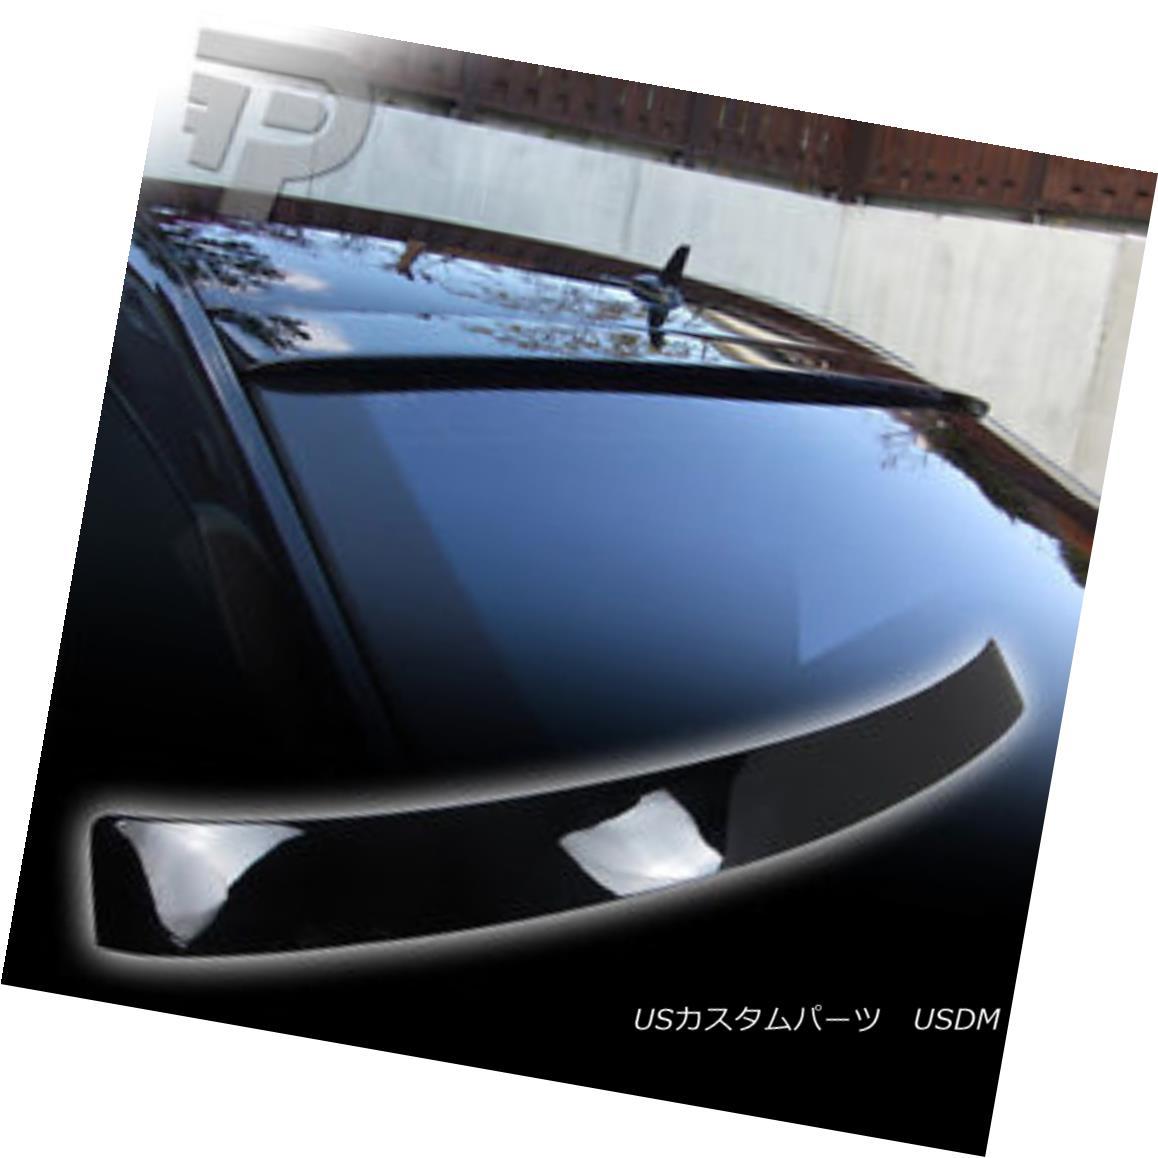 エアロパーツ PAINTED Mercedes BENZ W221 L TYPE REAR ROOF SPOILER WING 040 BLACK ▼ 塗装されたメルセデスベンツW221 L型後部屋根スポイラーウイング040黒?